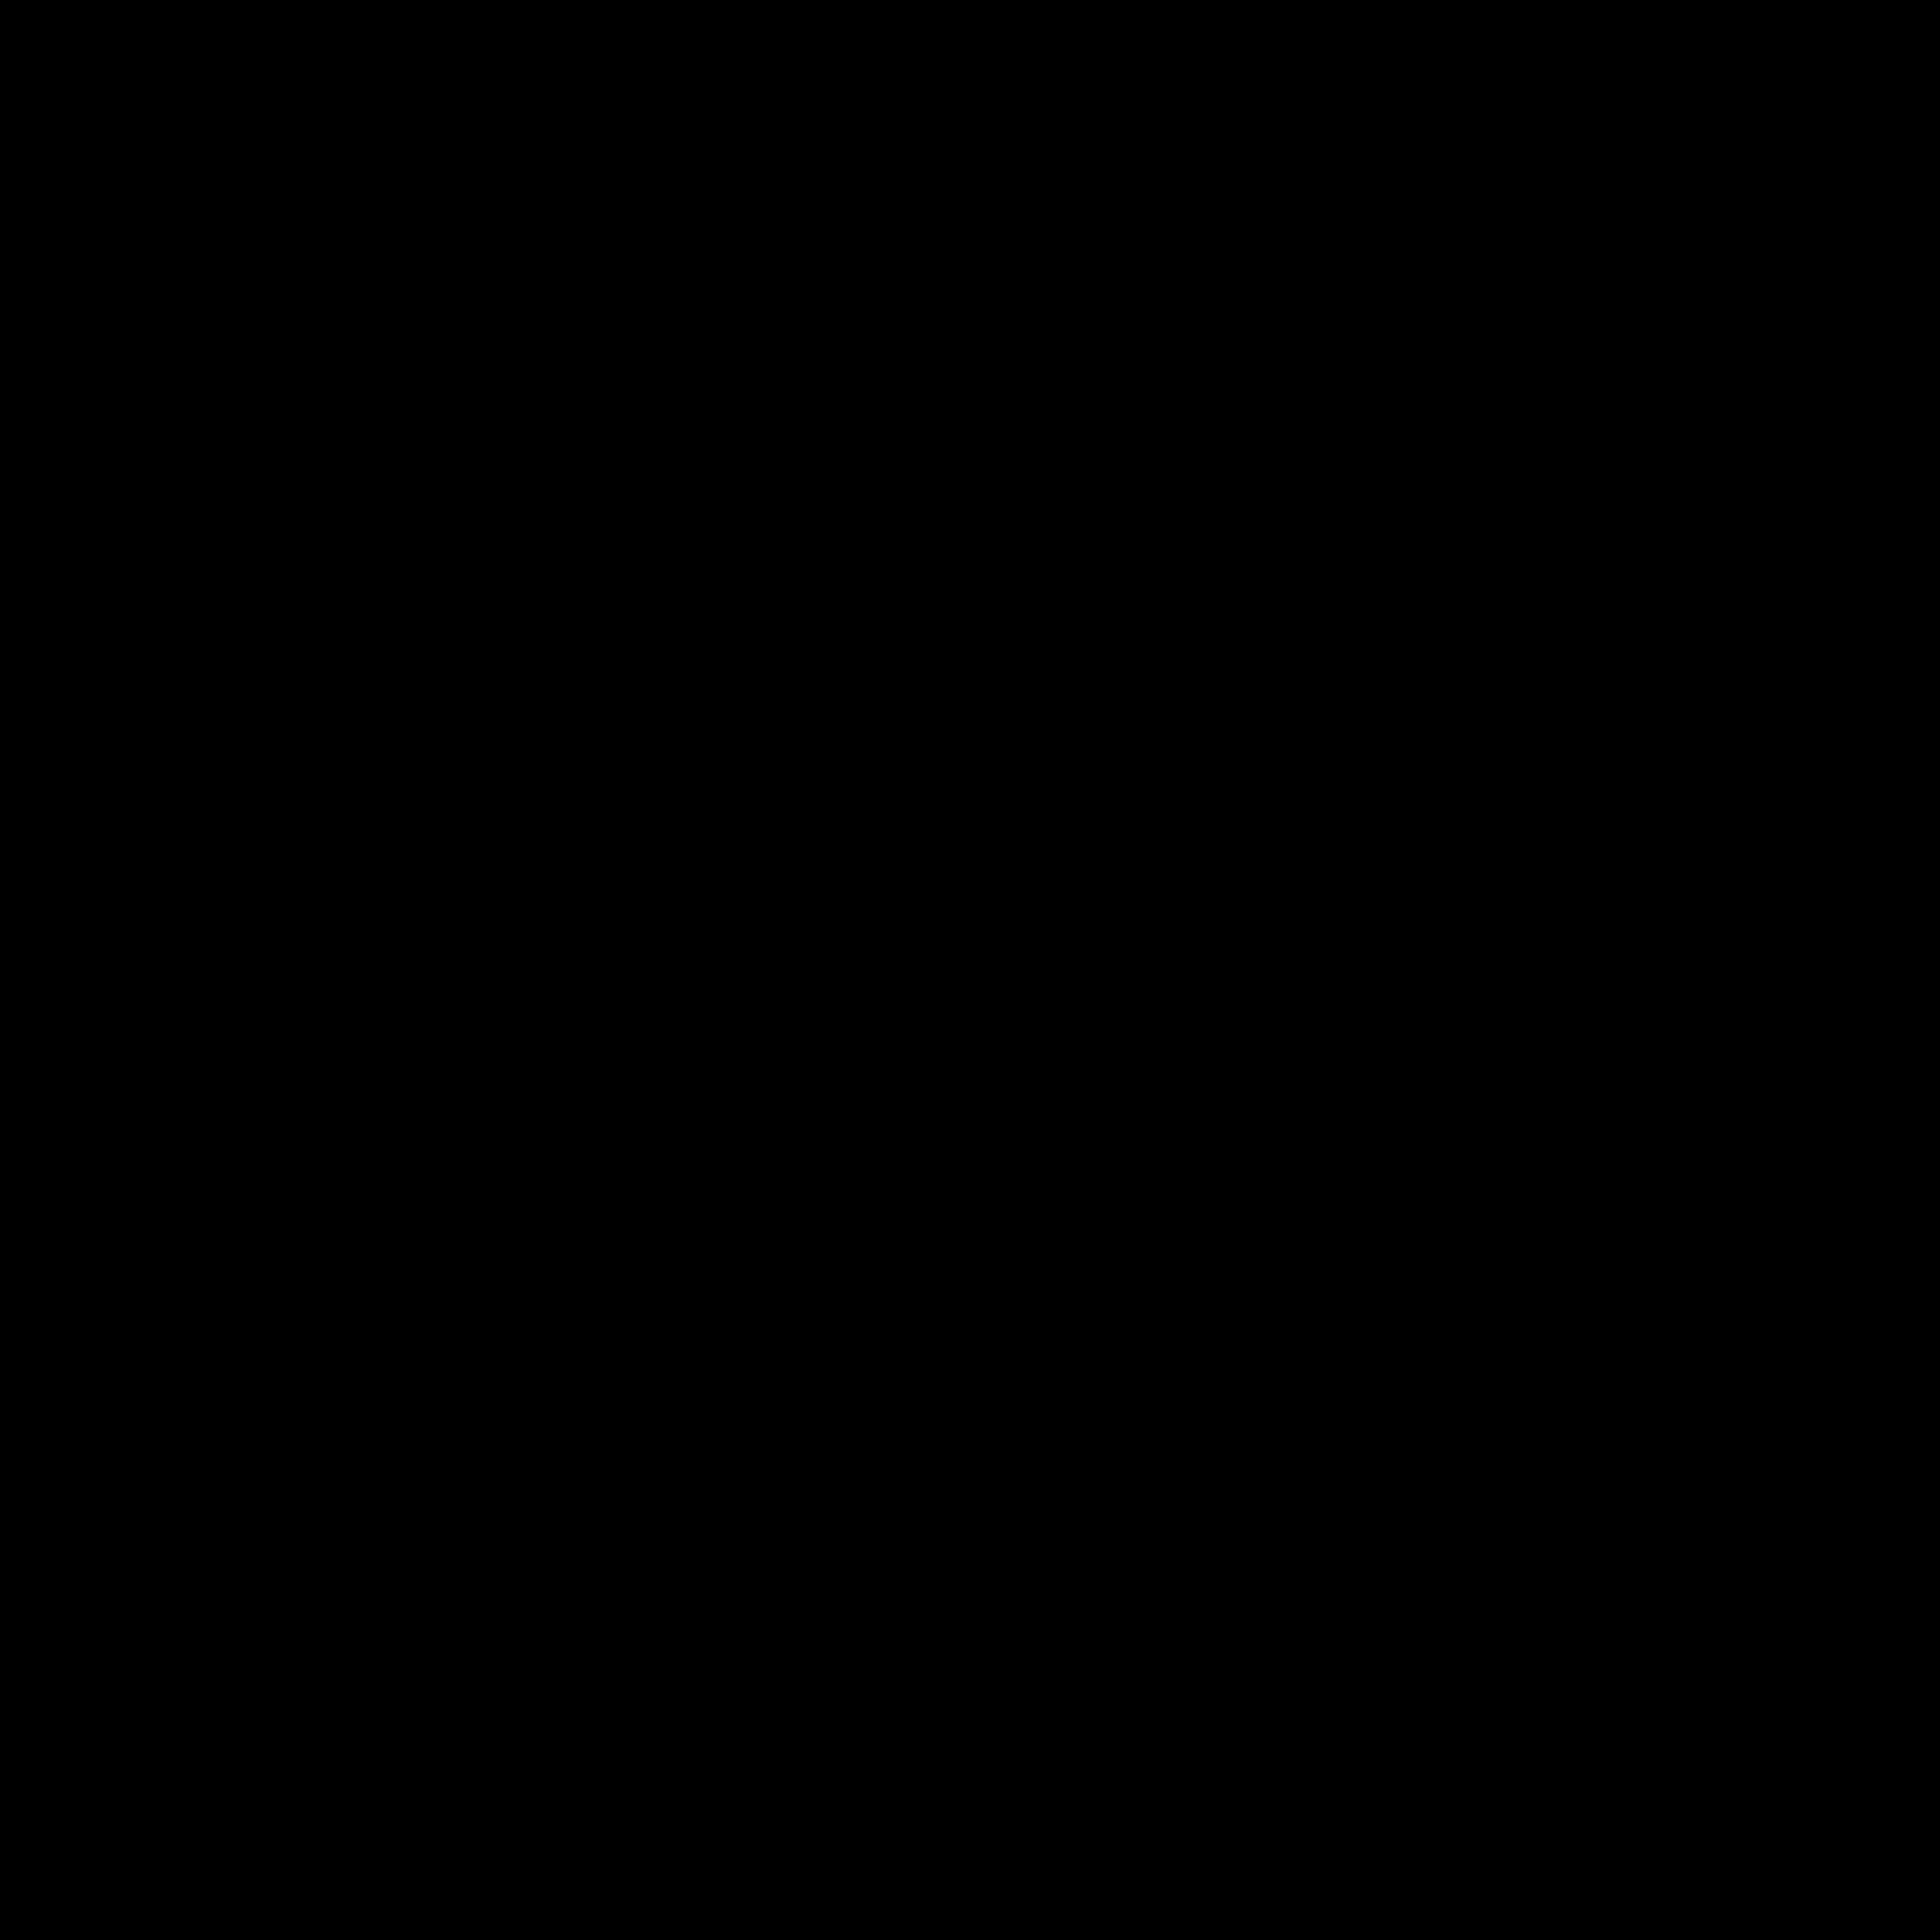 Saruman - Grimoire 1edf354f467ba072bcee1dddae253652